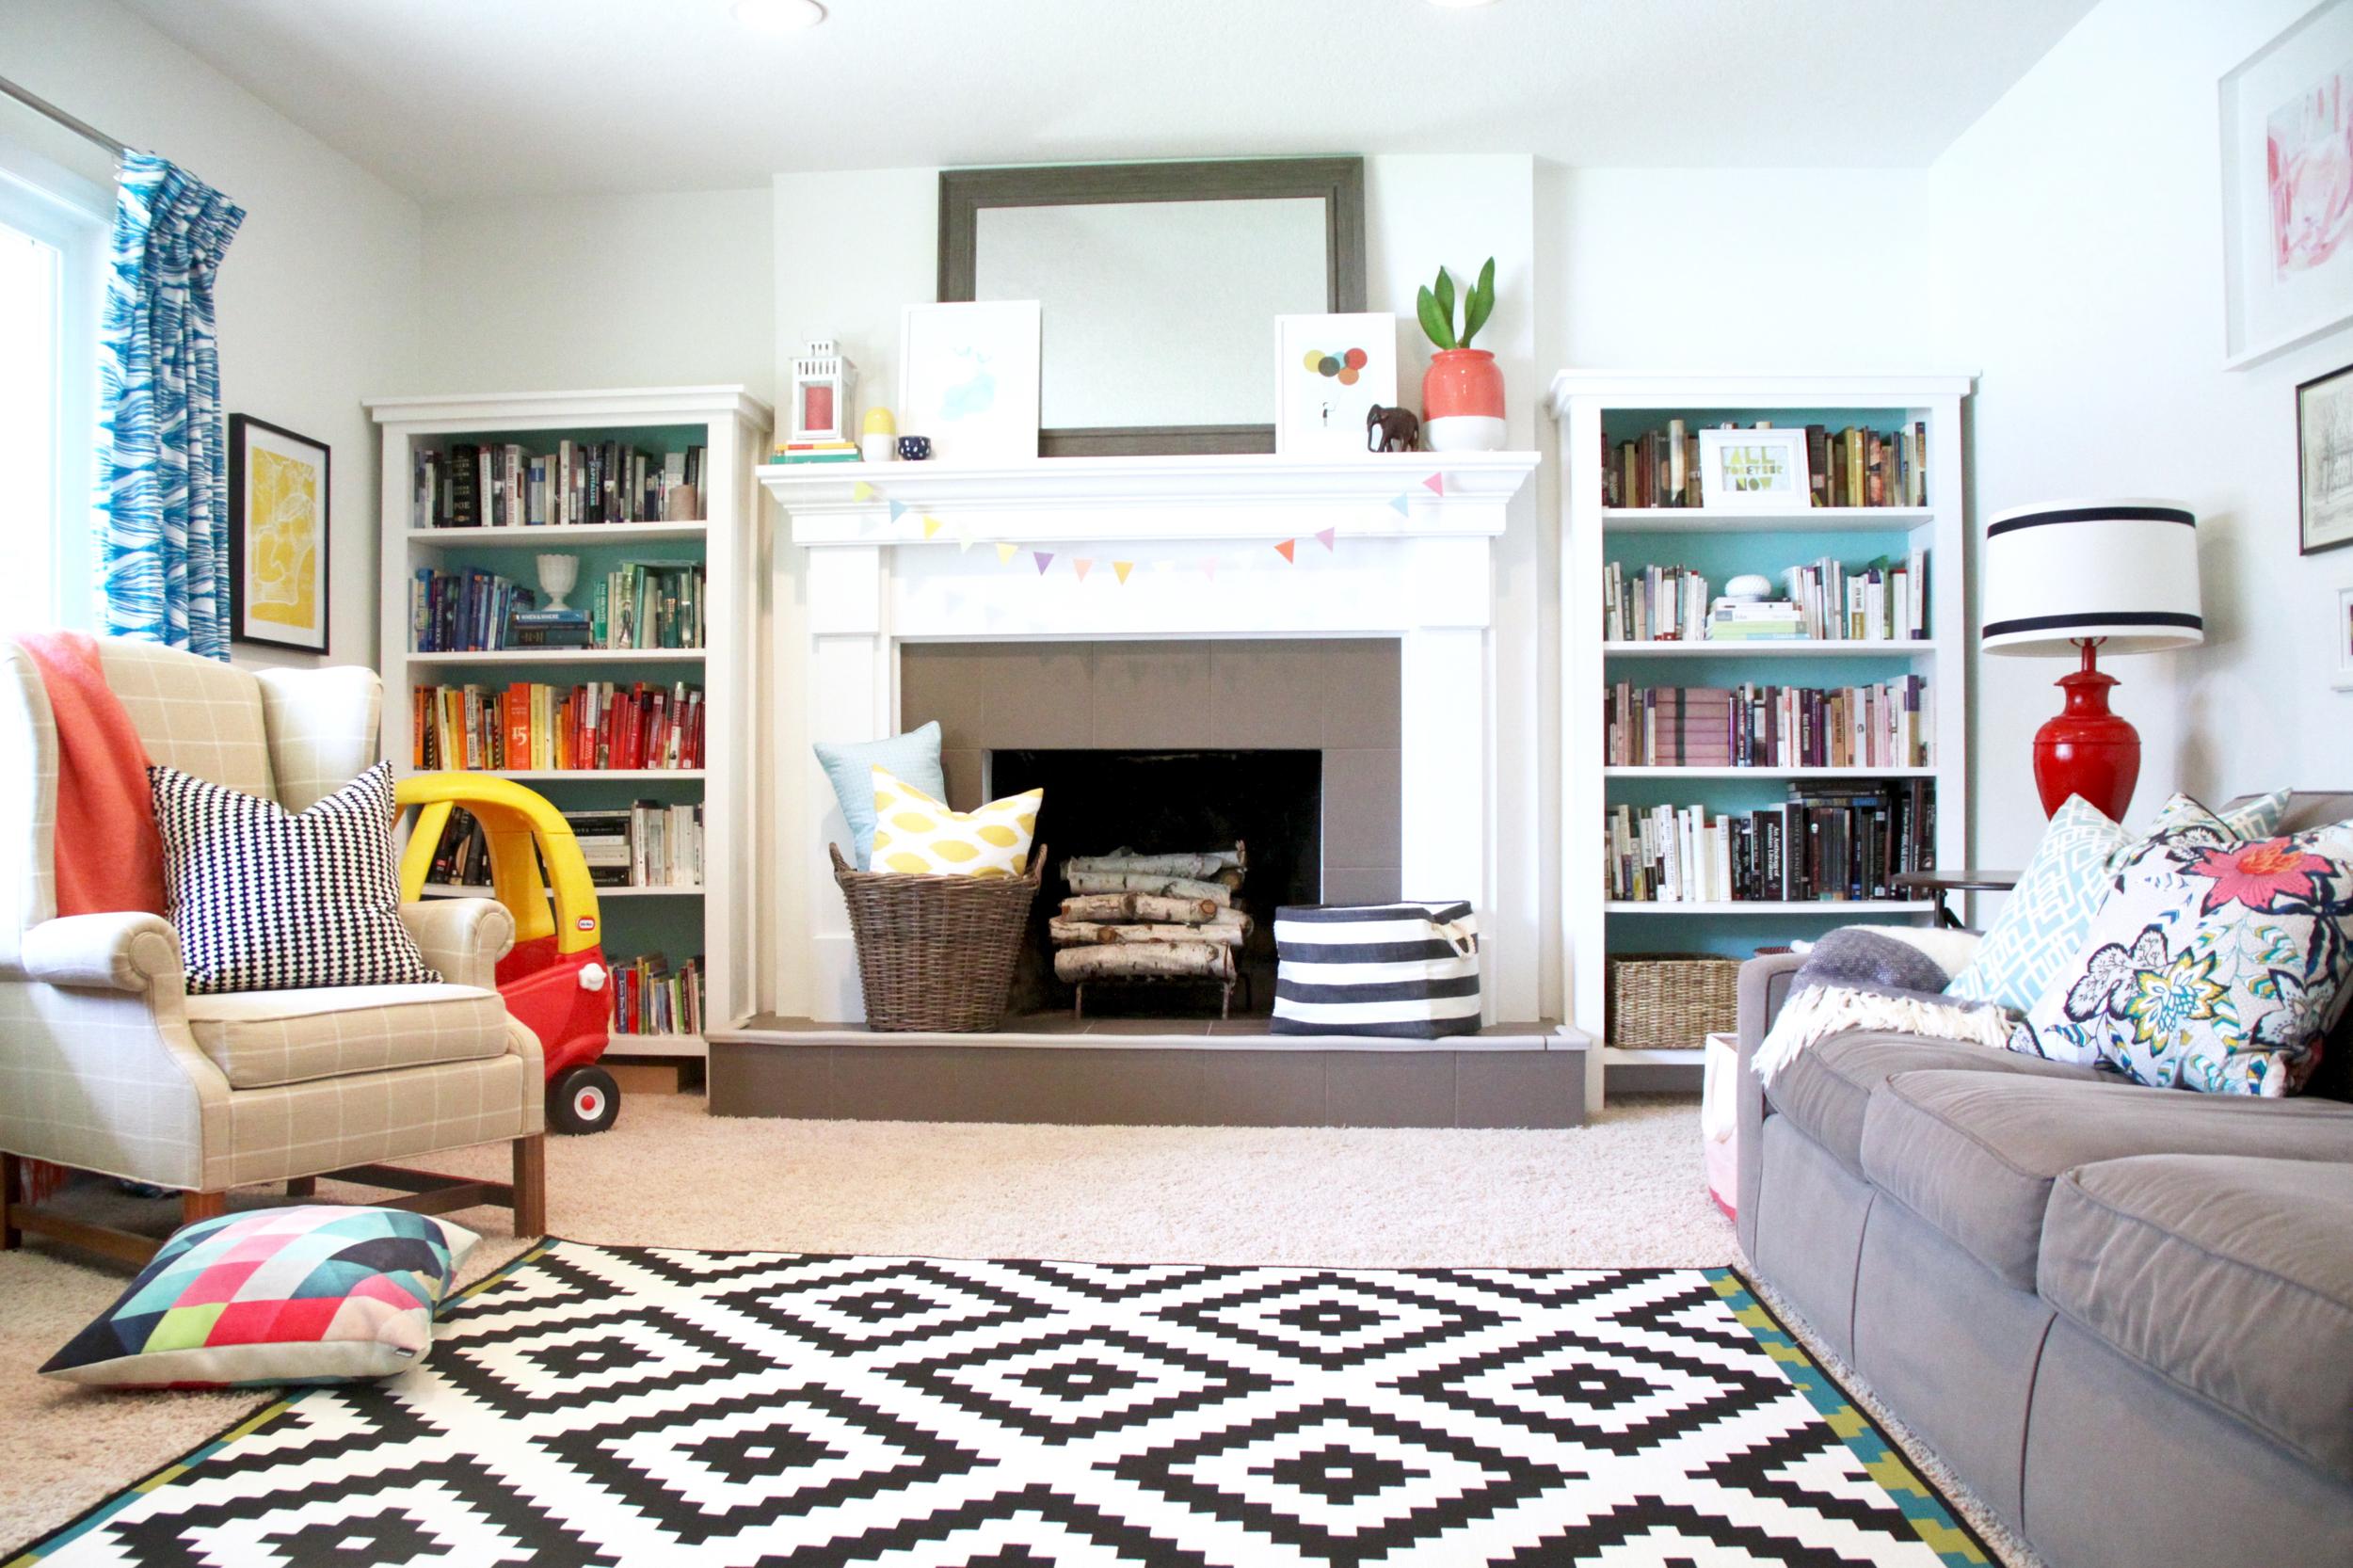 Living Room with Bookshelves Full of Books